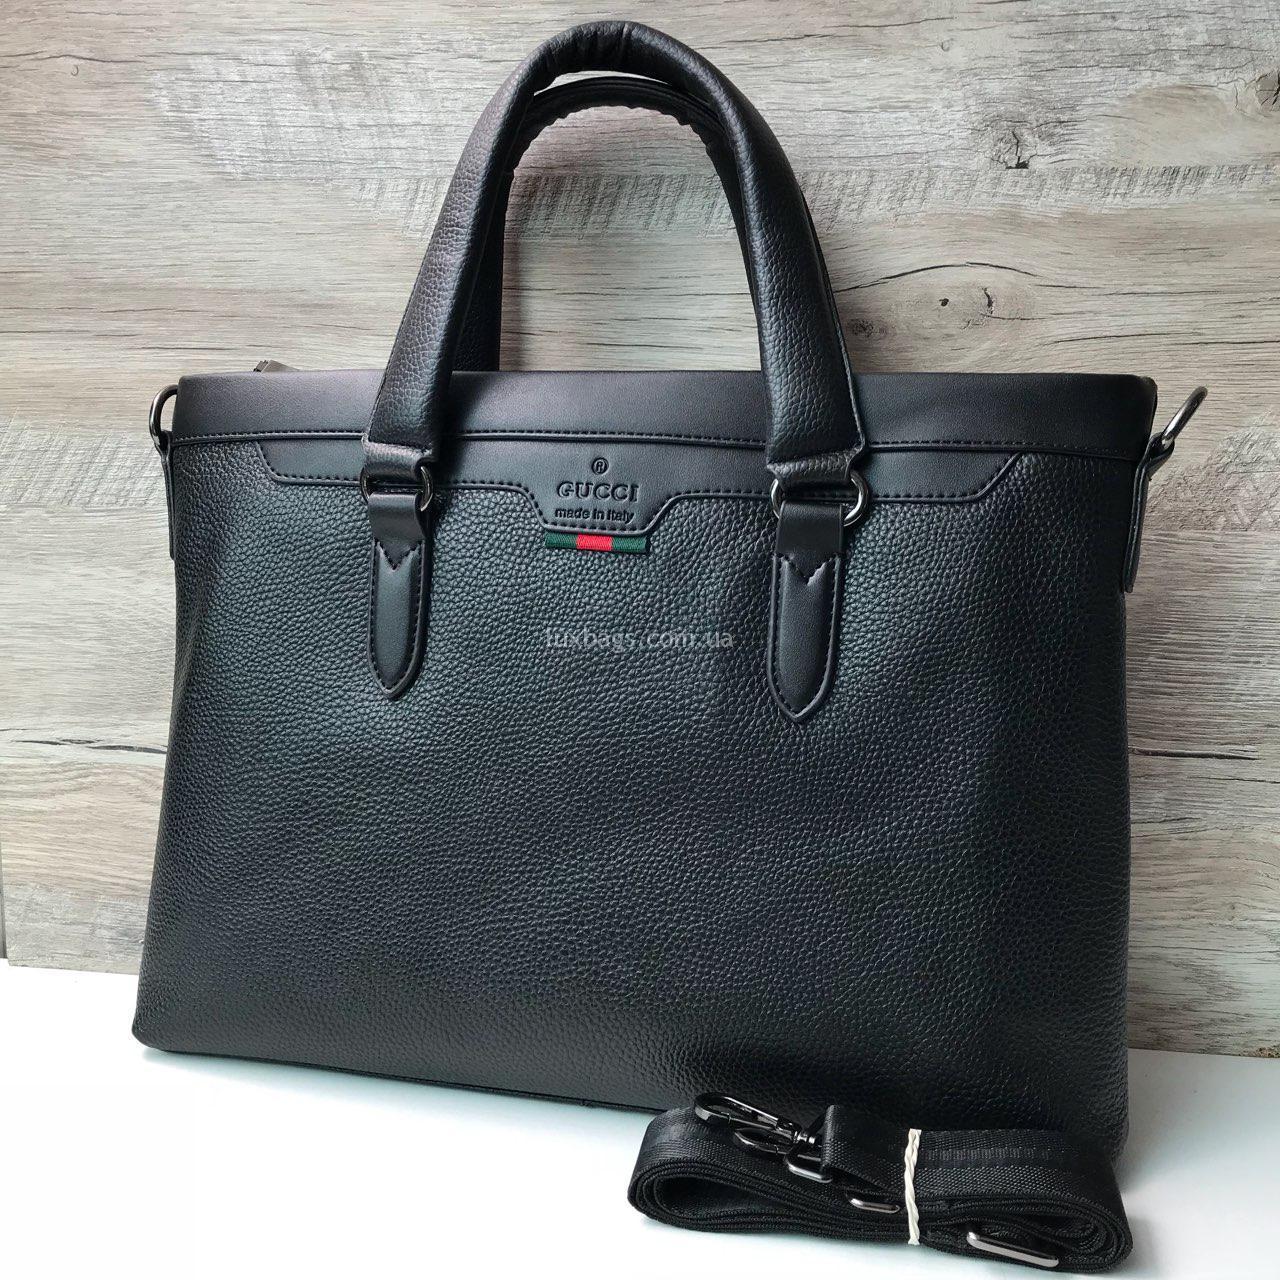 d01584bc4355 Купить Мужской Кожаный портфель Gucci | lux-bags